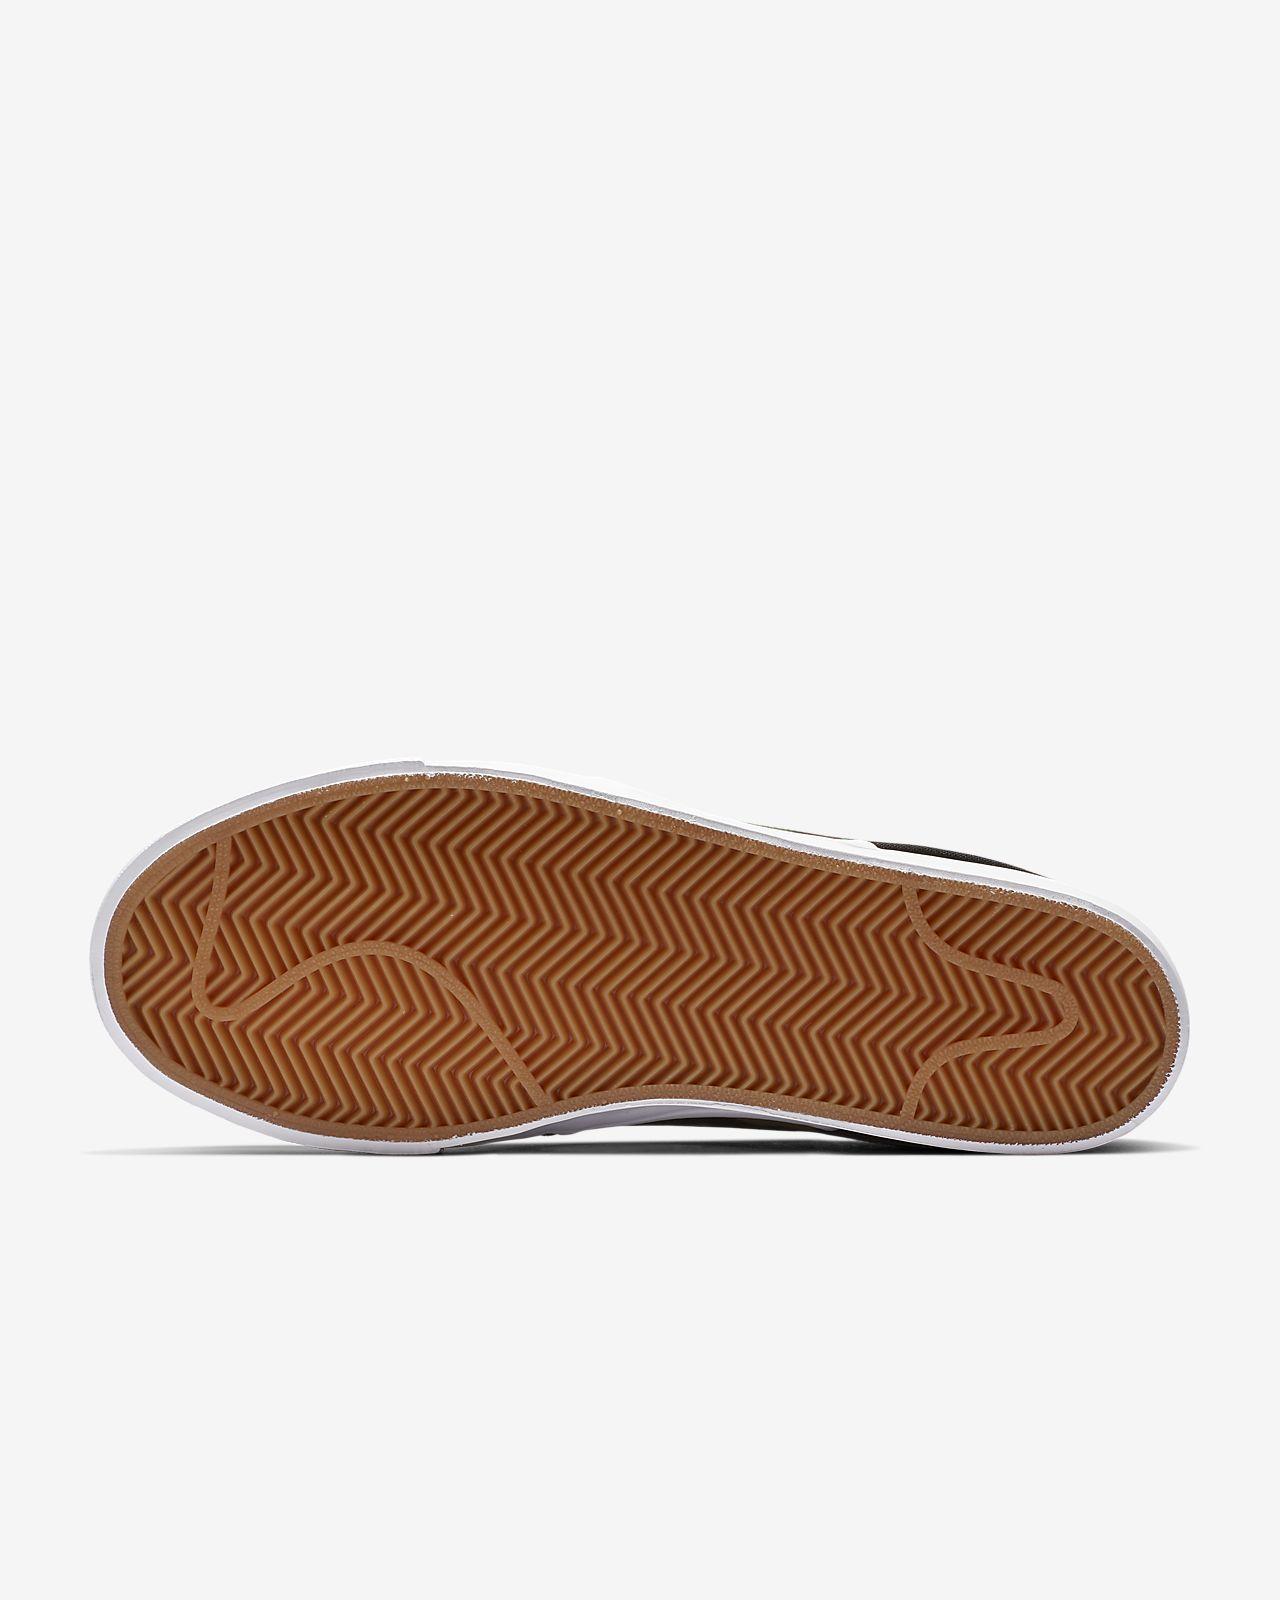 buy online 847f7 c66af ... Nike SB Zoom Stefan Janoski Canvas Men s Skate Shoe